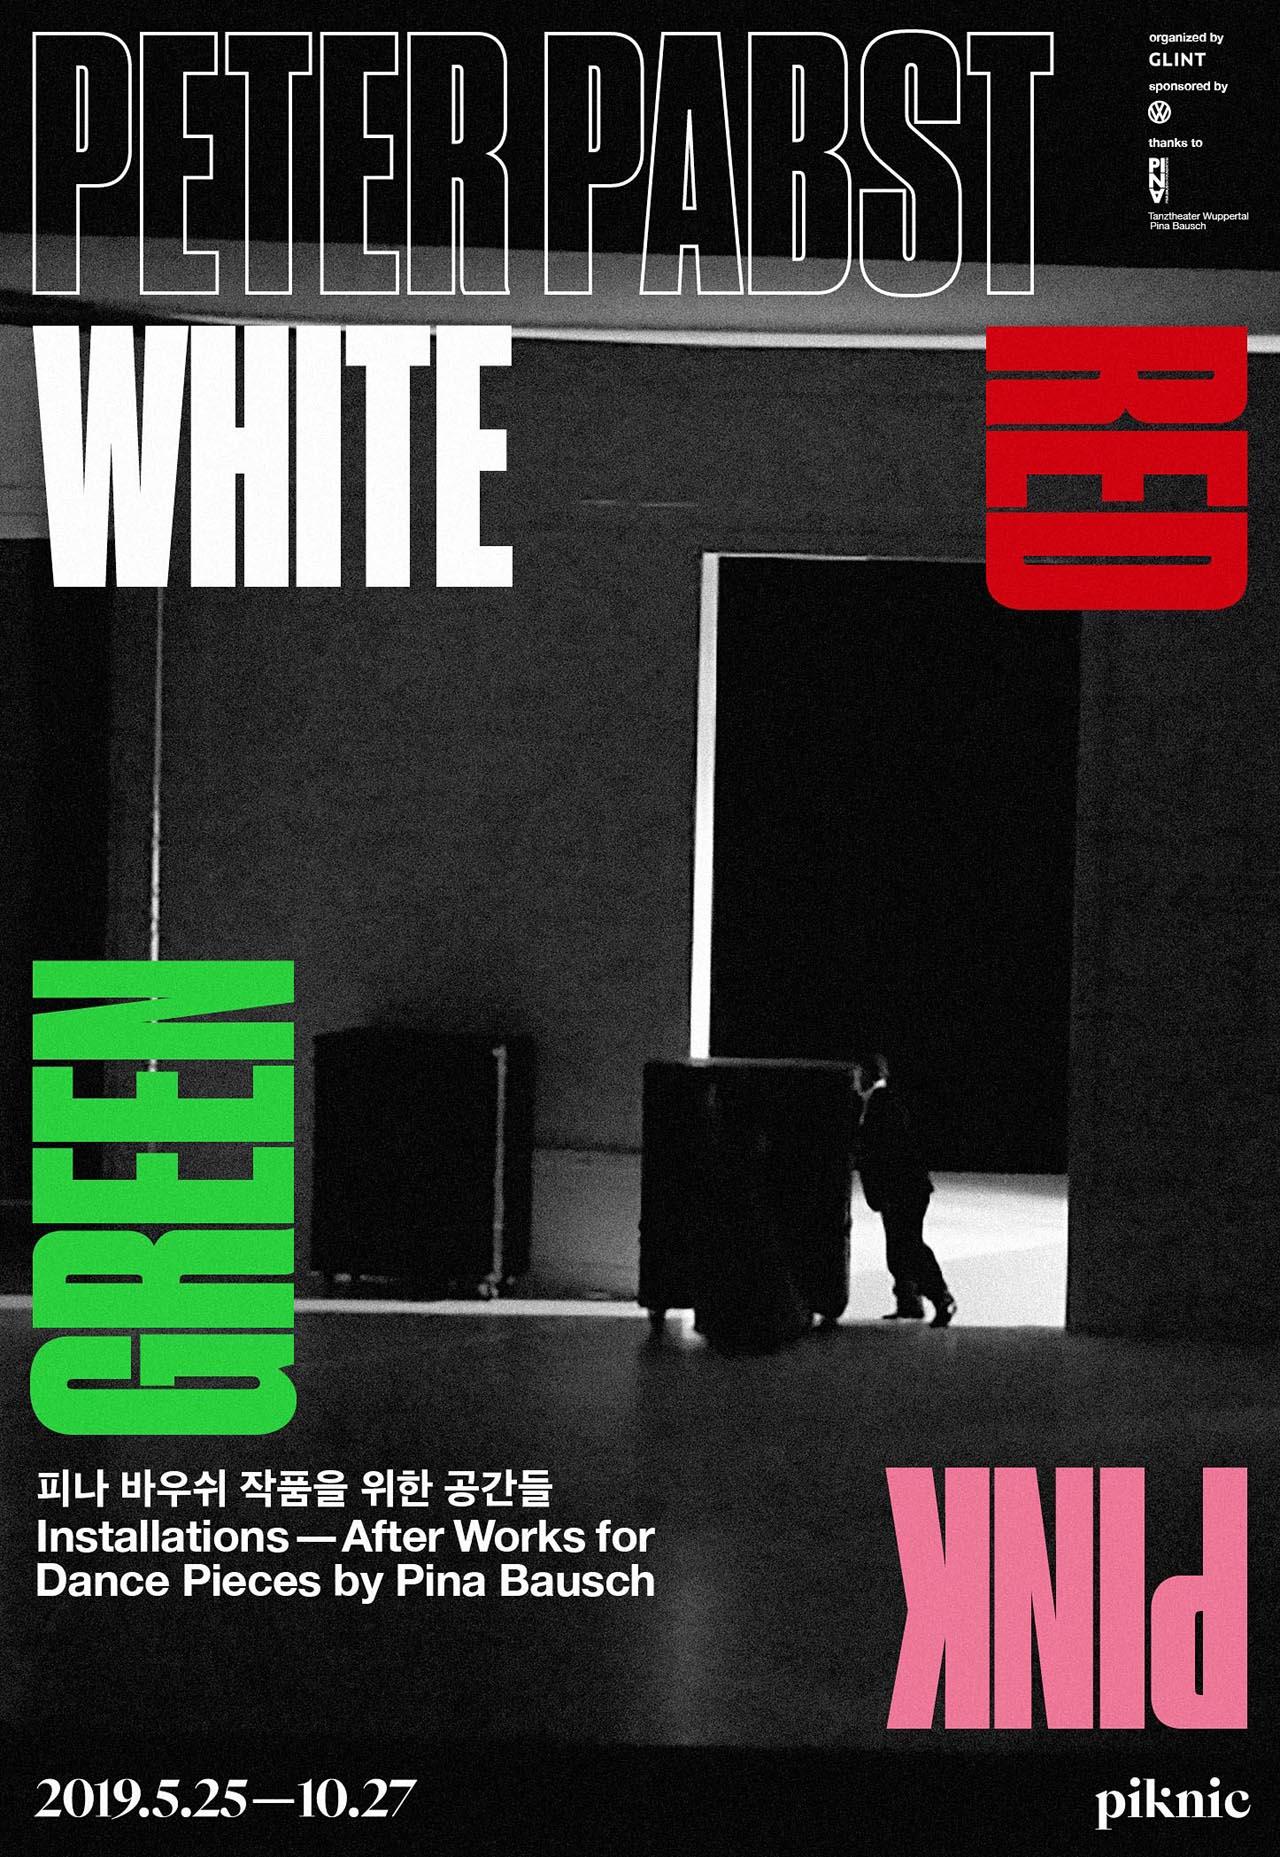 [참고사진] Peter Pabst White Red Pink Green - 피나 바우쉬 작품을 위한 공간들 공식 포스터